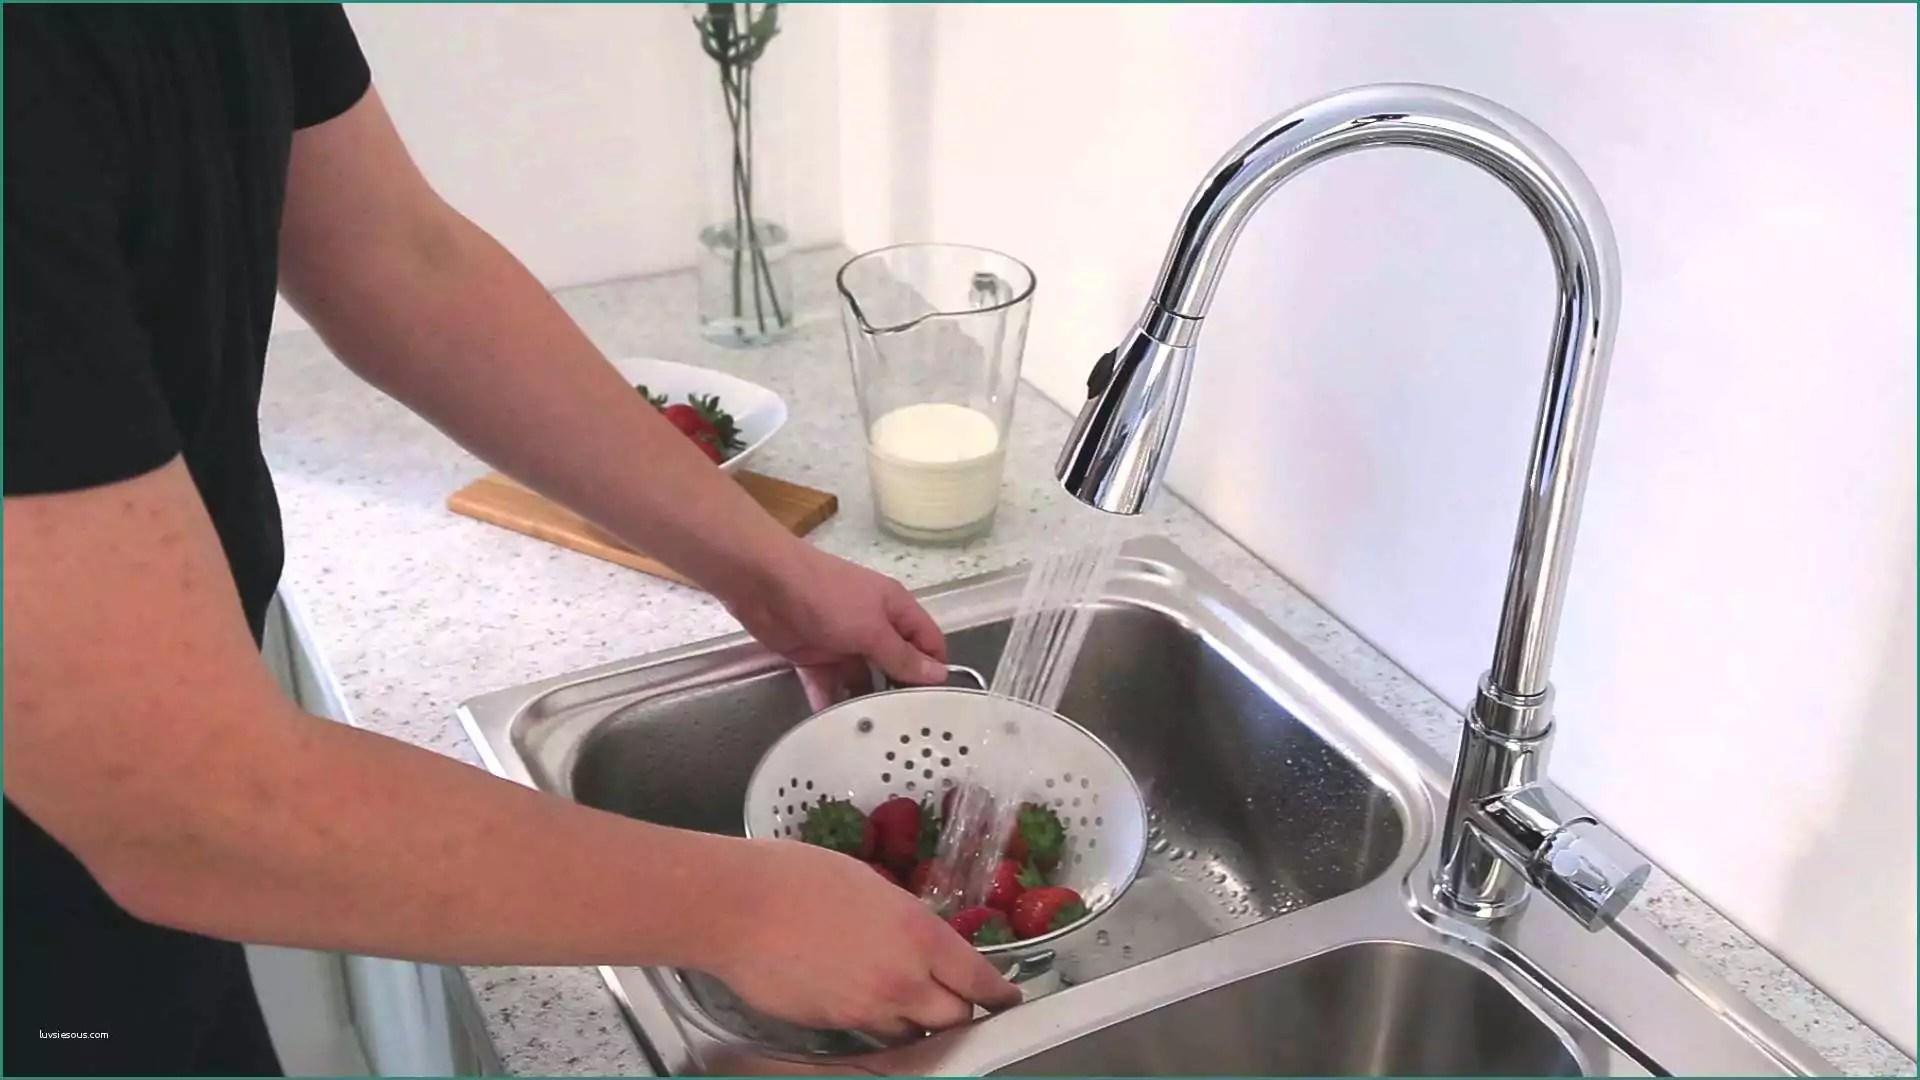 Rubinetti Cucina Leroy Merlin - Idee per la decorazione di interni ...